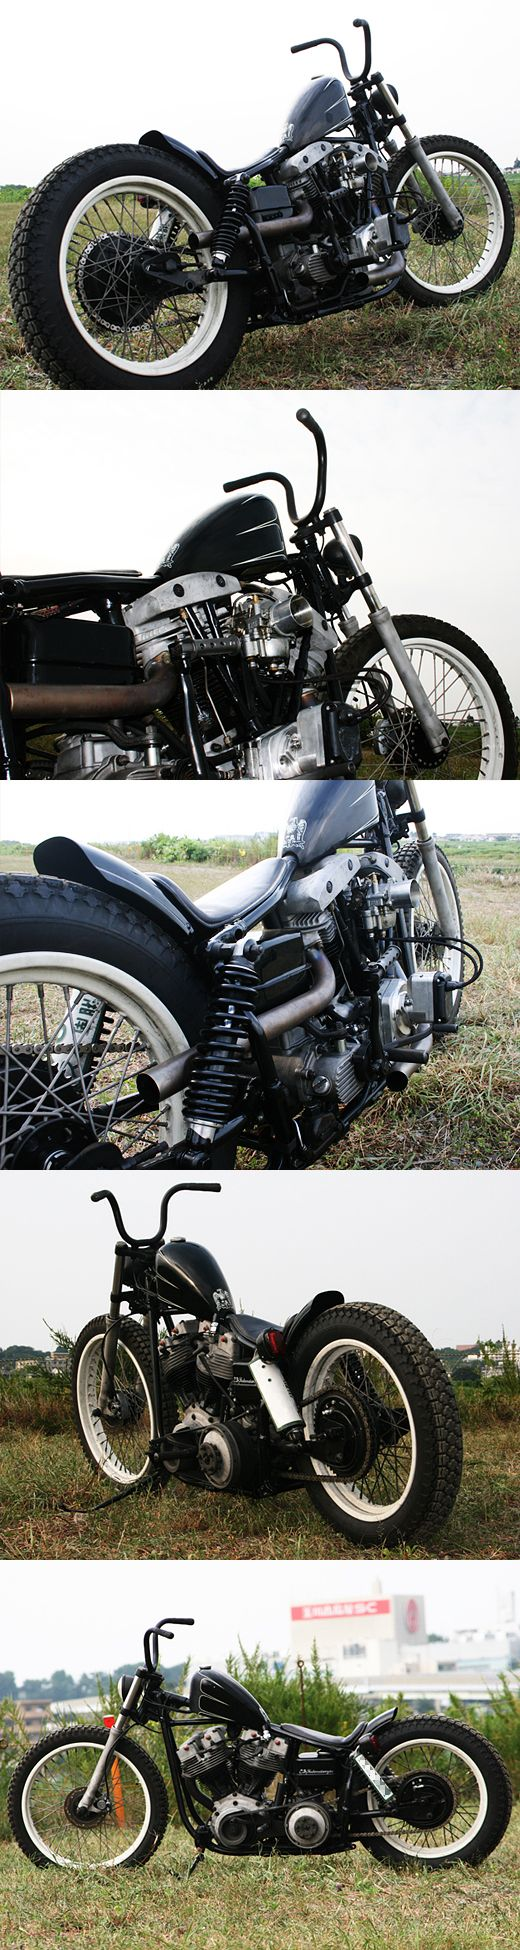 Hide motorcycle : The Narrow Striker